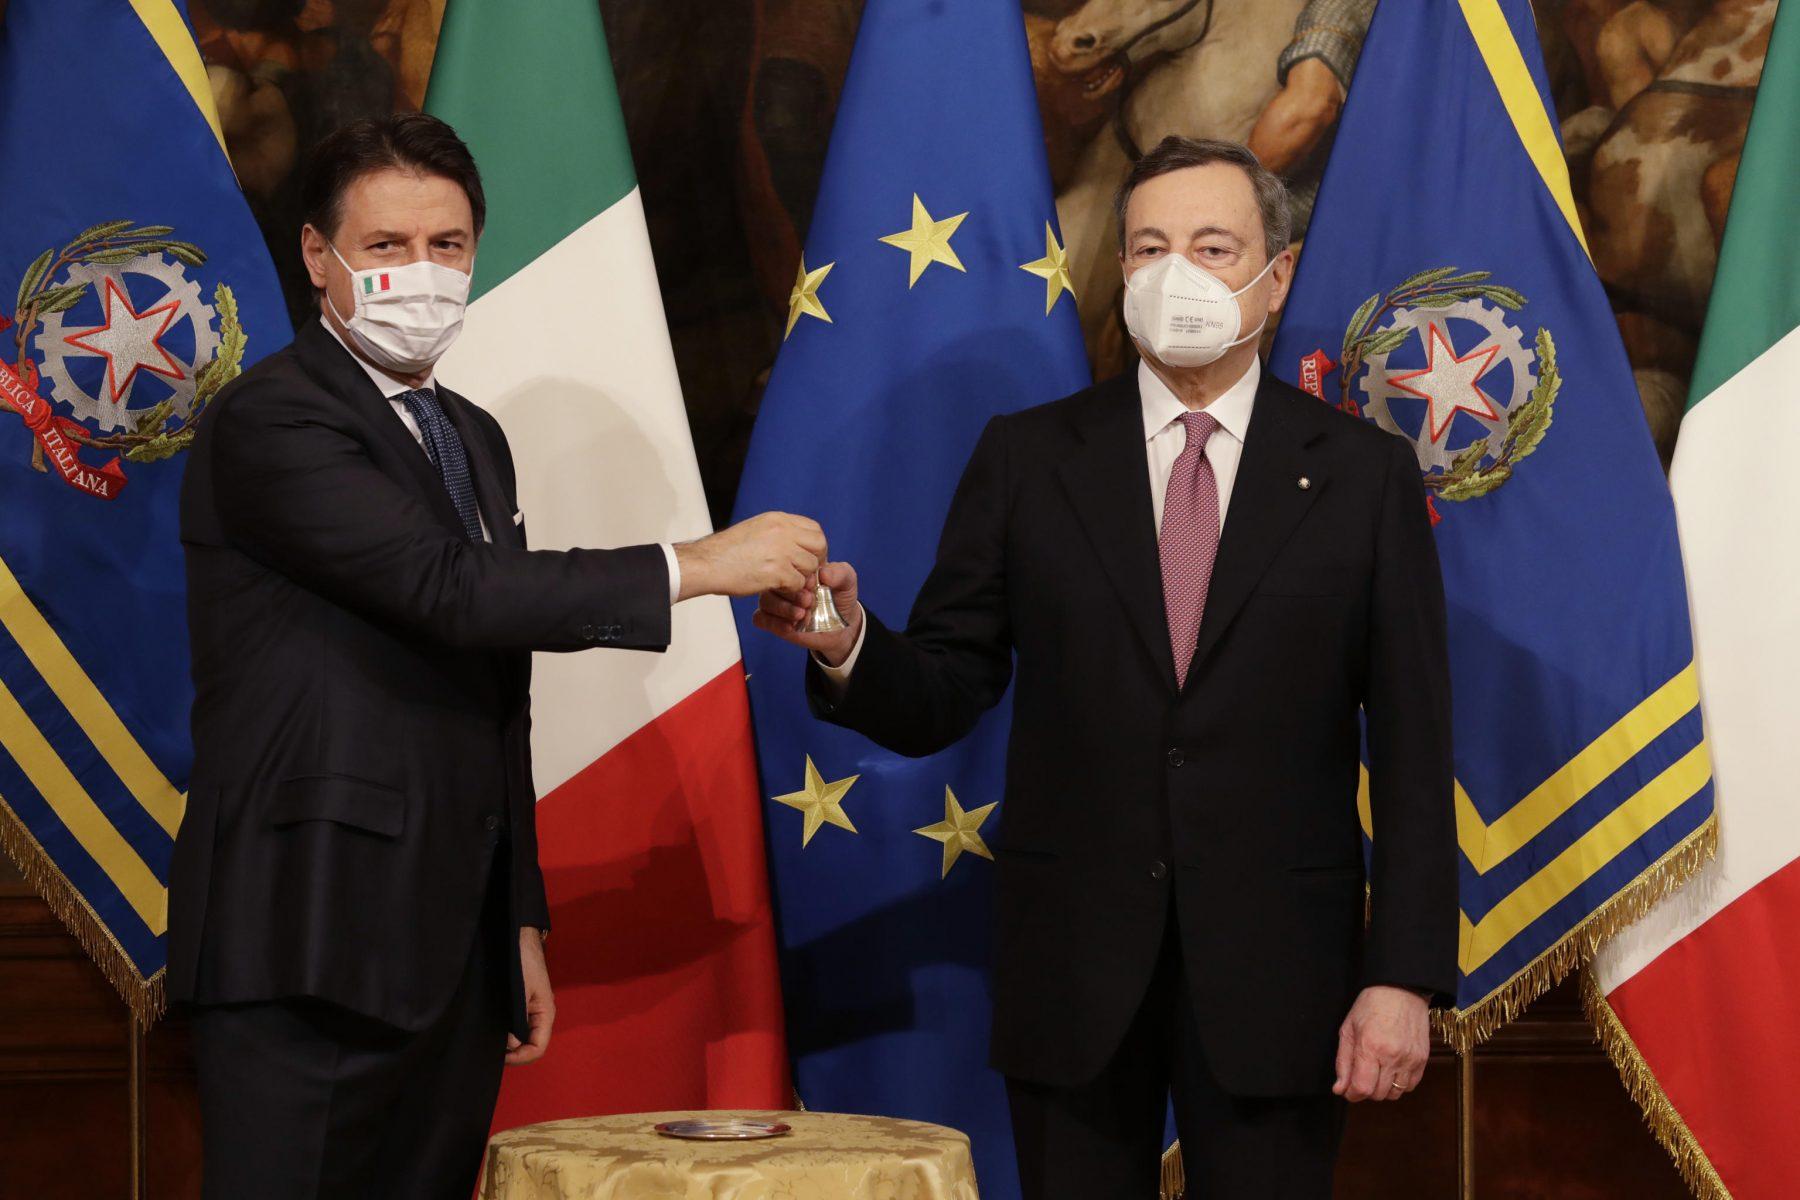 Perché nominare Draghi era l'unica scelta saggia da fare